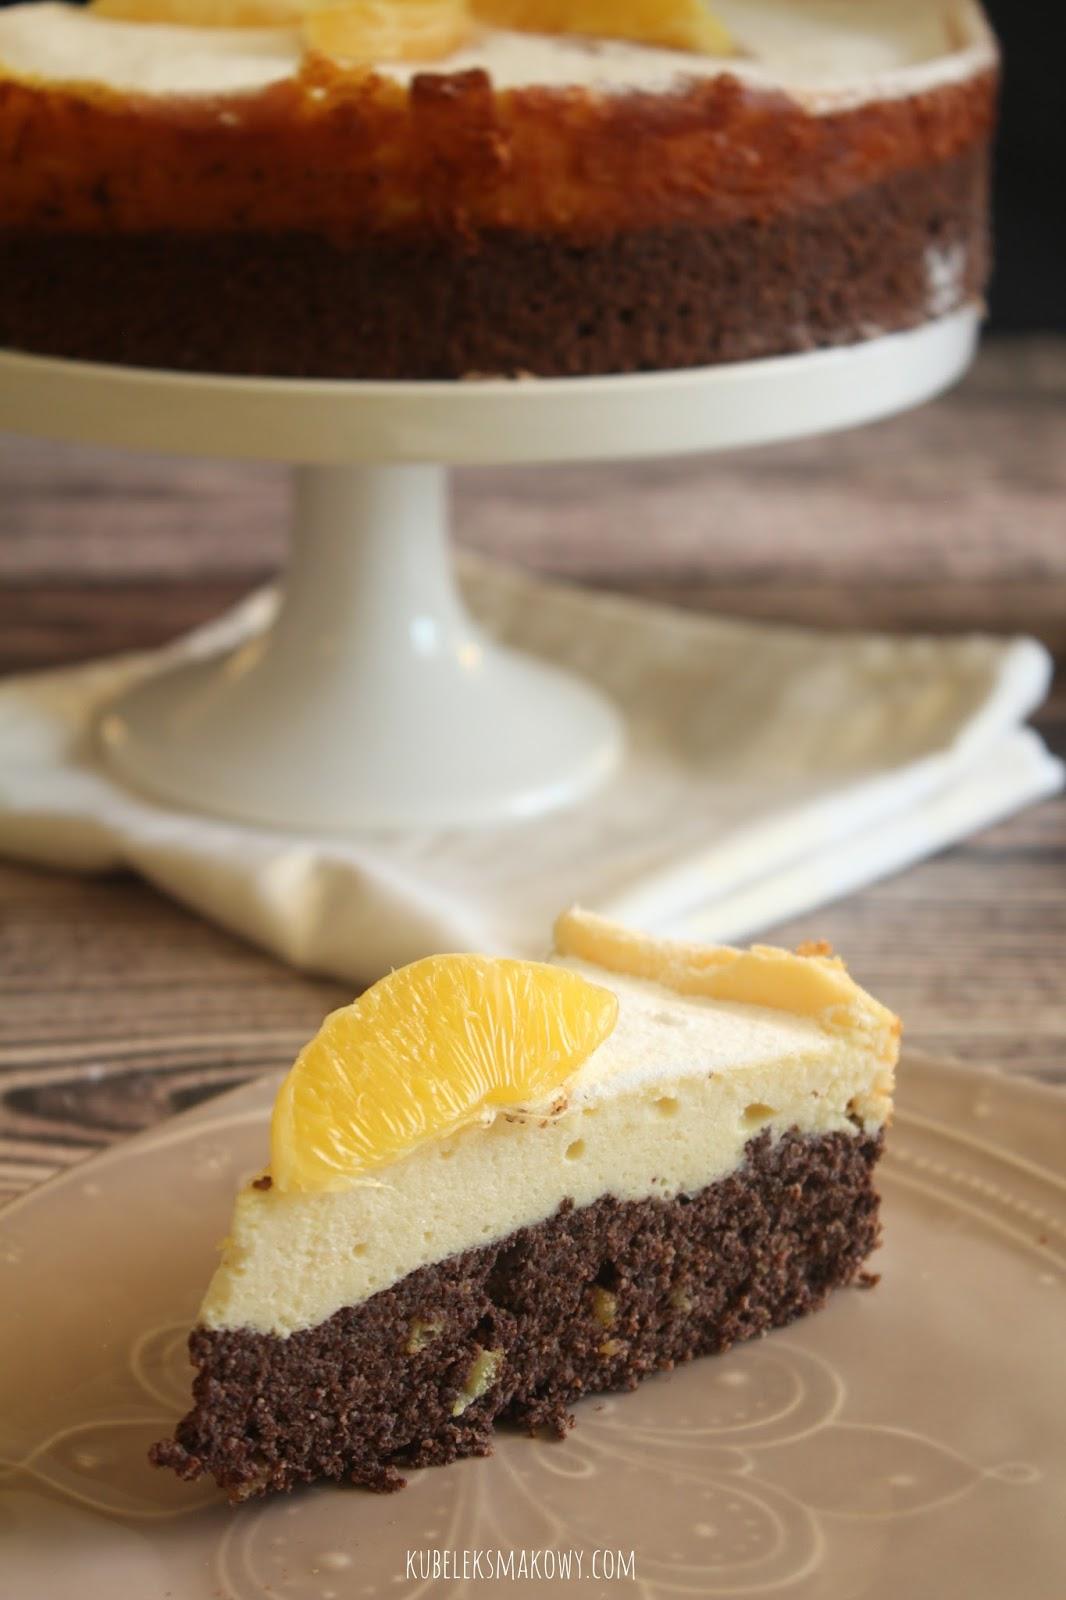 świąteczne ciasto makowo-serowe (seromak) - przepis